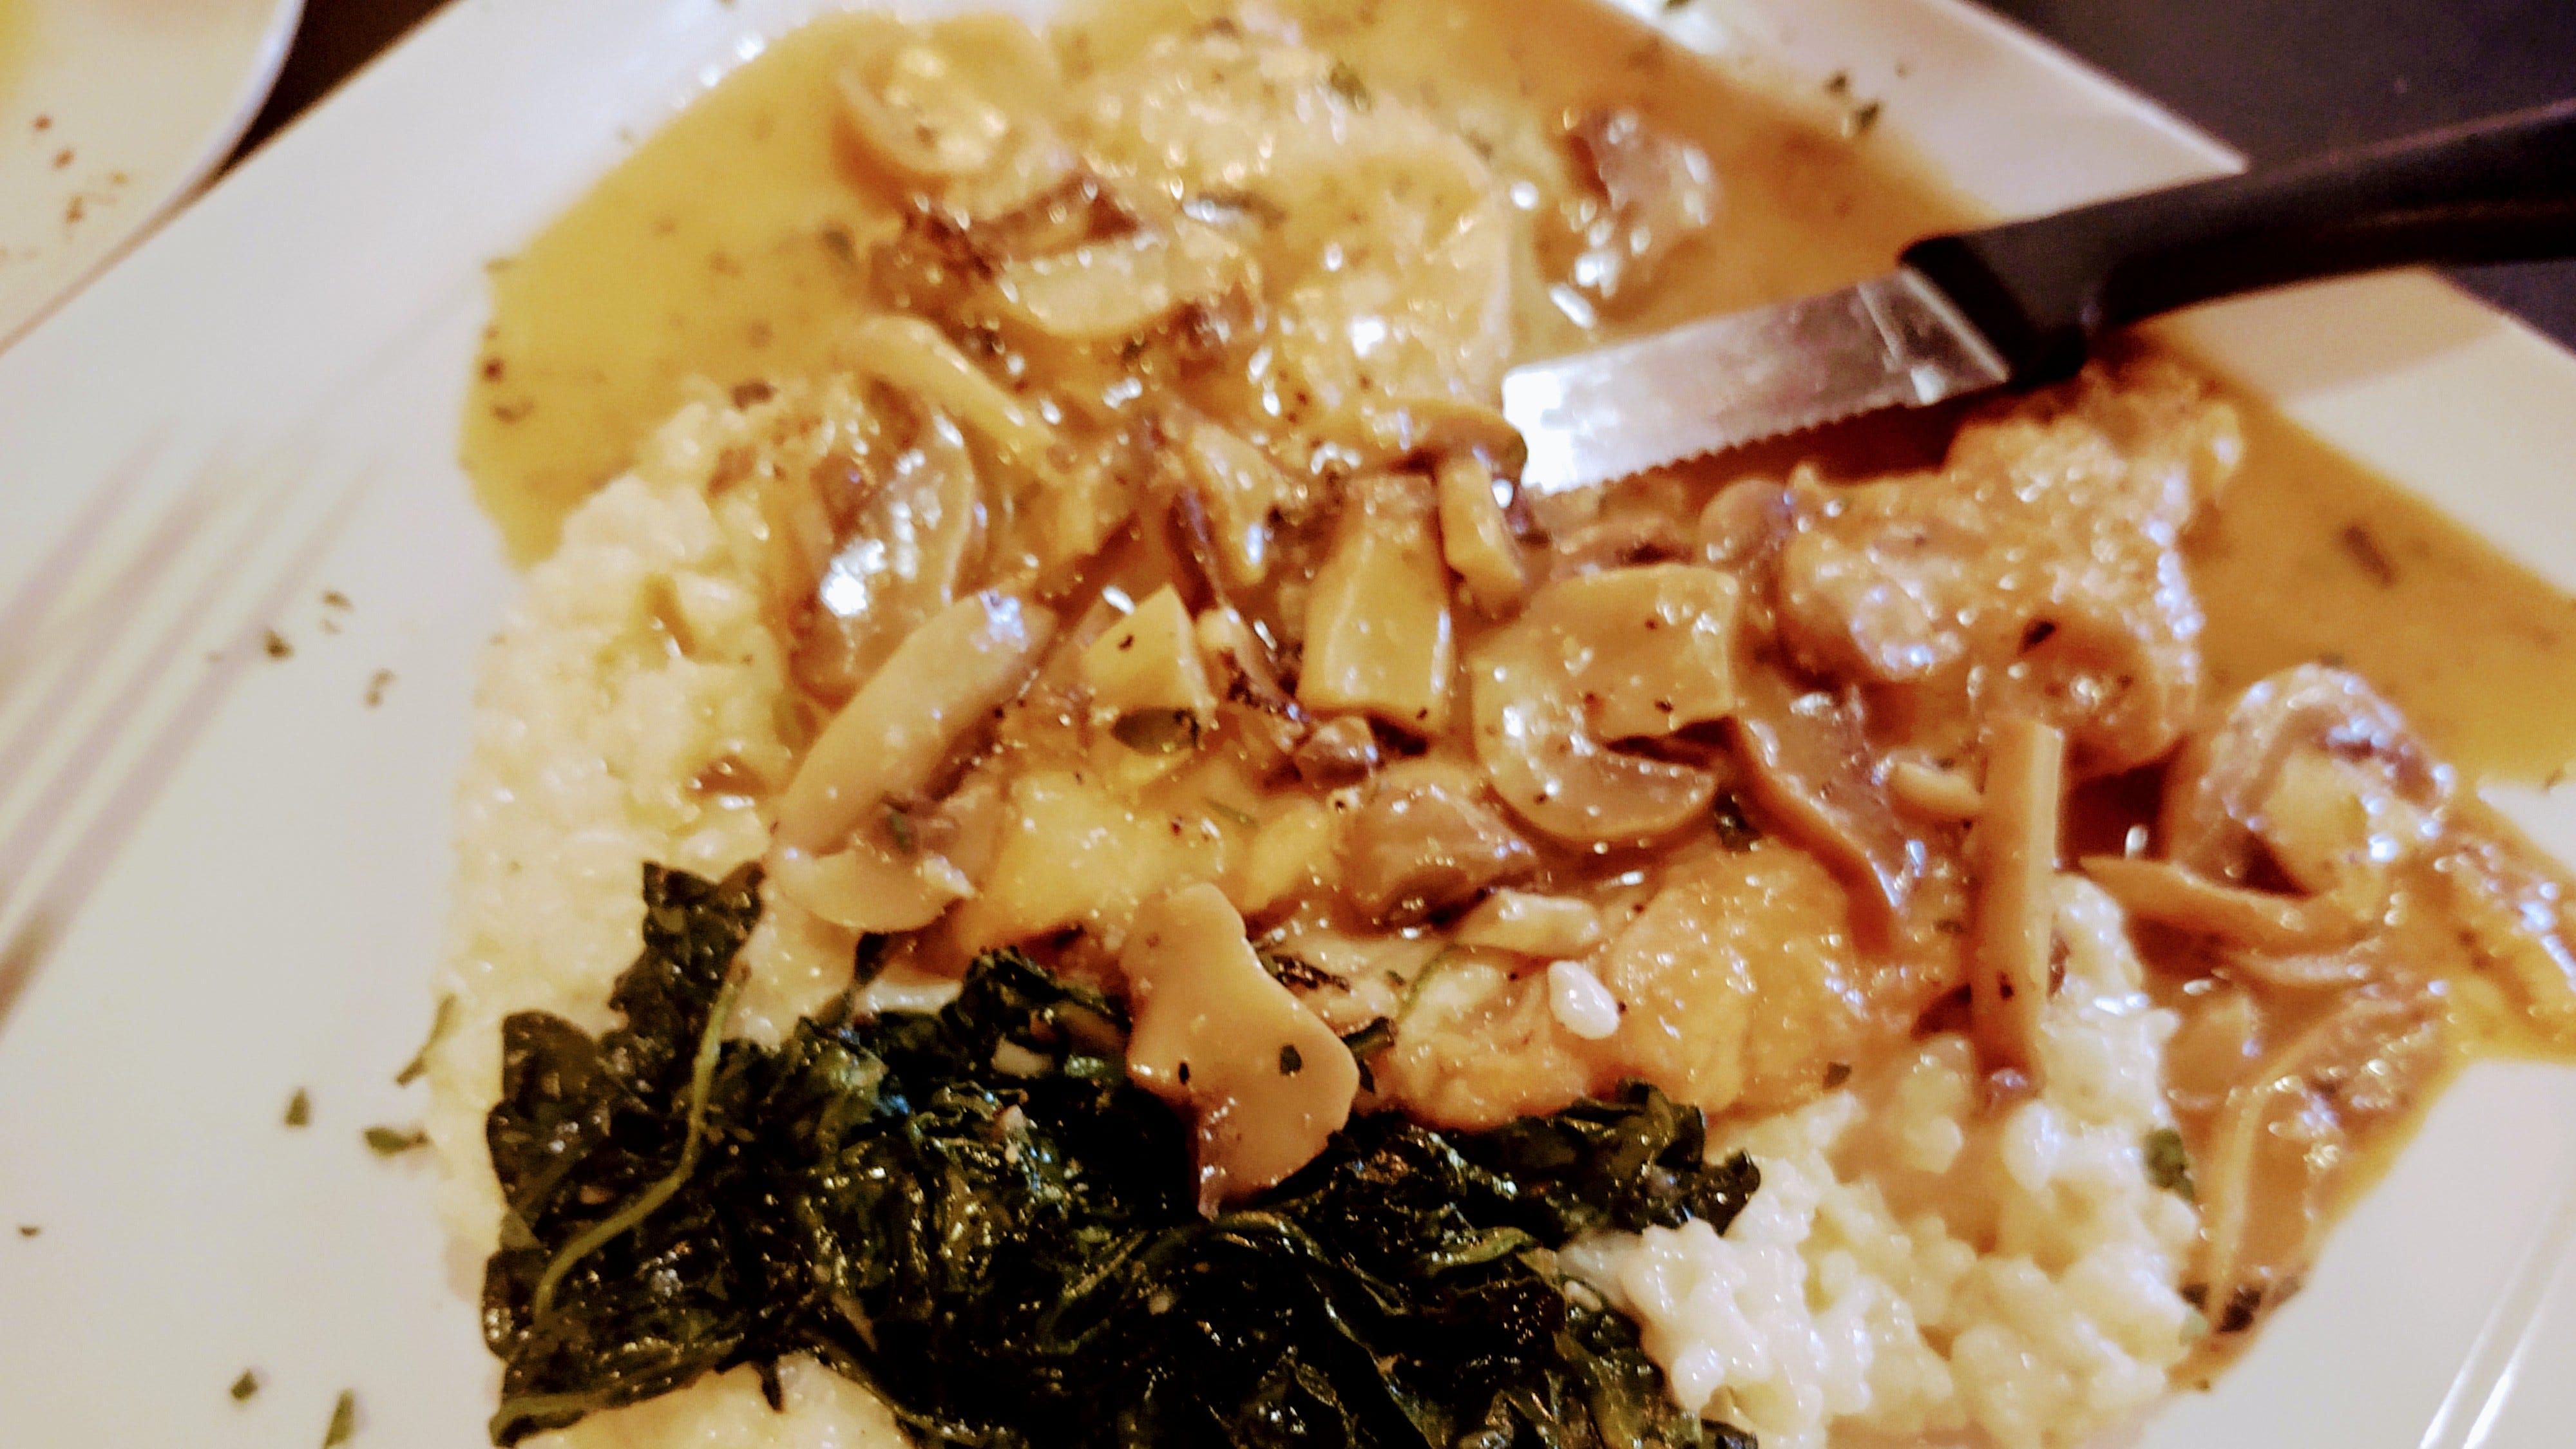 I medaglioni di pollo fritto in salsa di vino marsala serviti con riso cremoso condito con spinaci con aglio appassito erano un ottimo piatto.